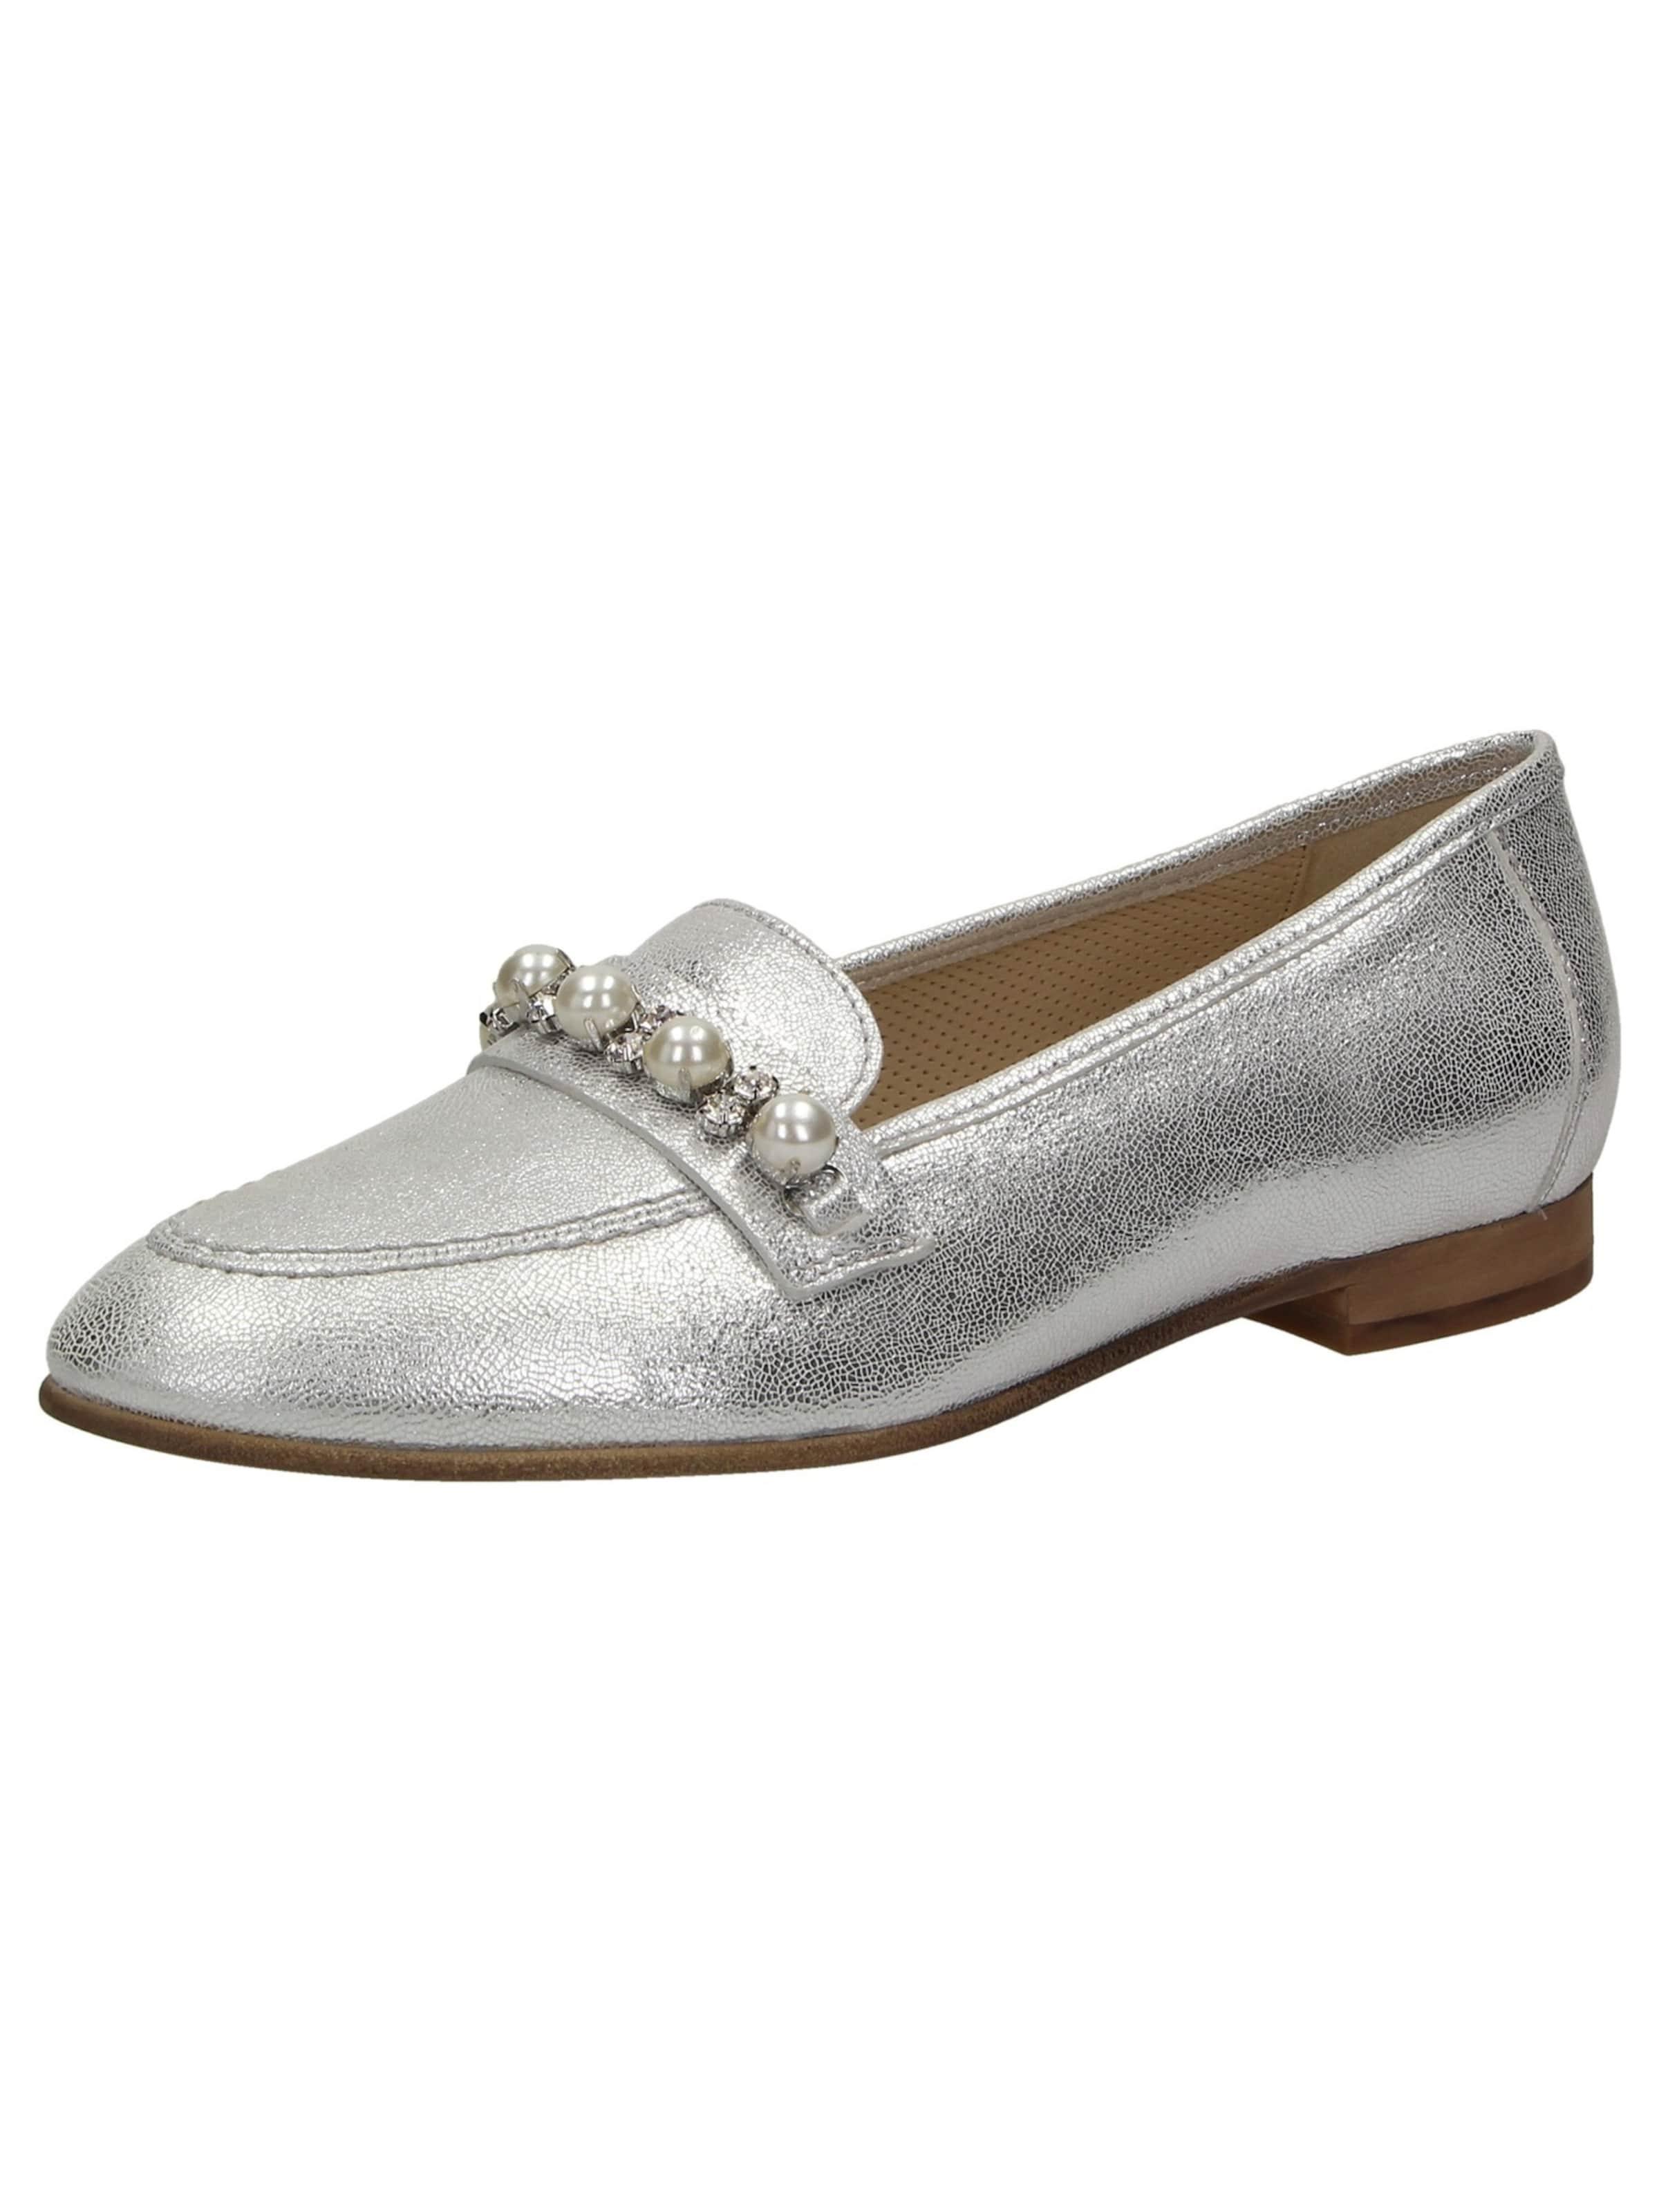 SIOUX Slipper Godiwa-702 Verschleißfeste billige Schuhe